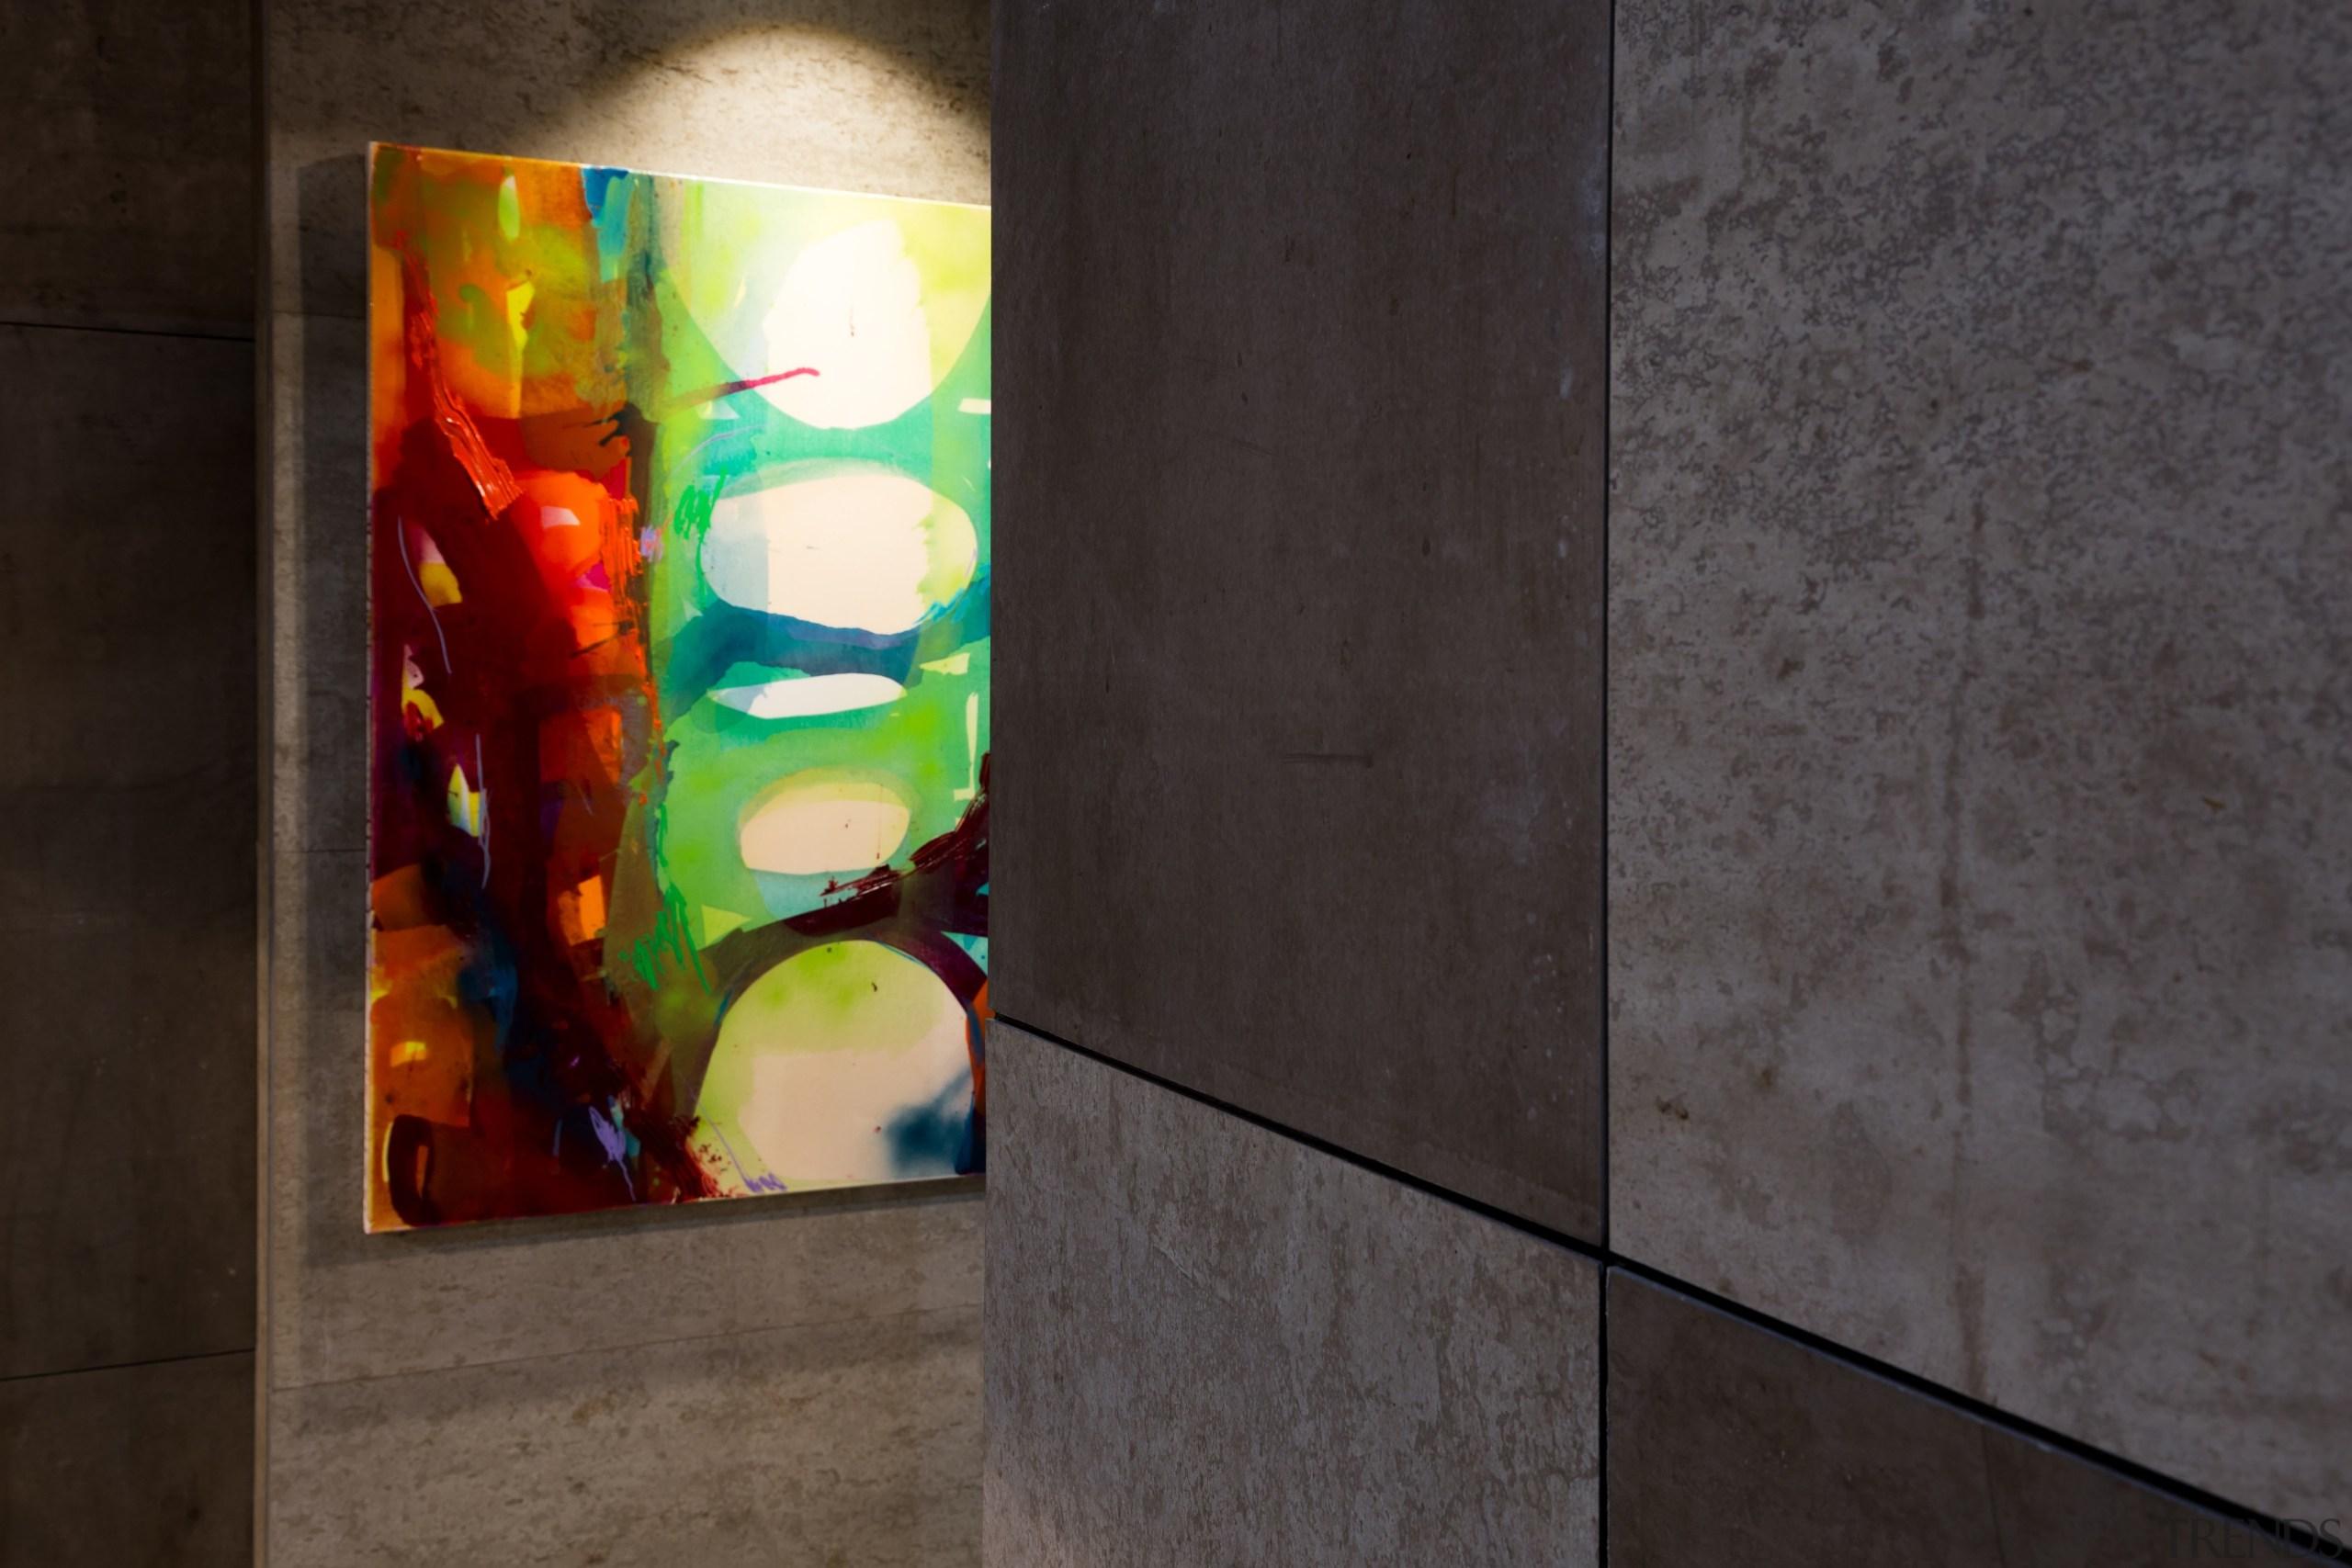 IMG_6183 - art | glass | light | art, glass, light, modern art, painting, wall, black